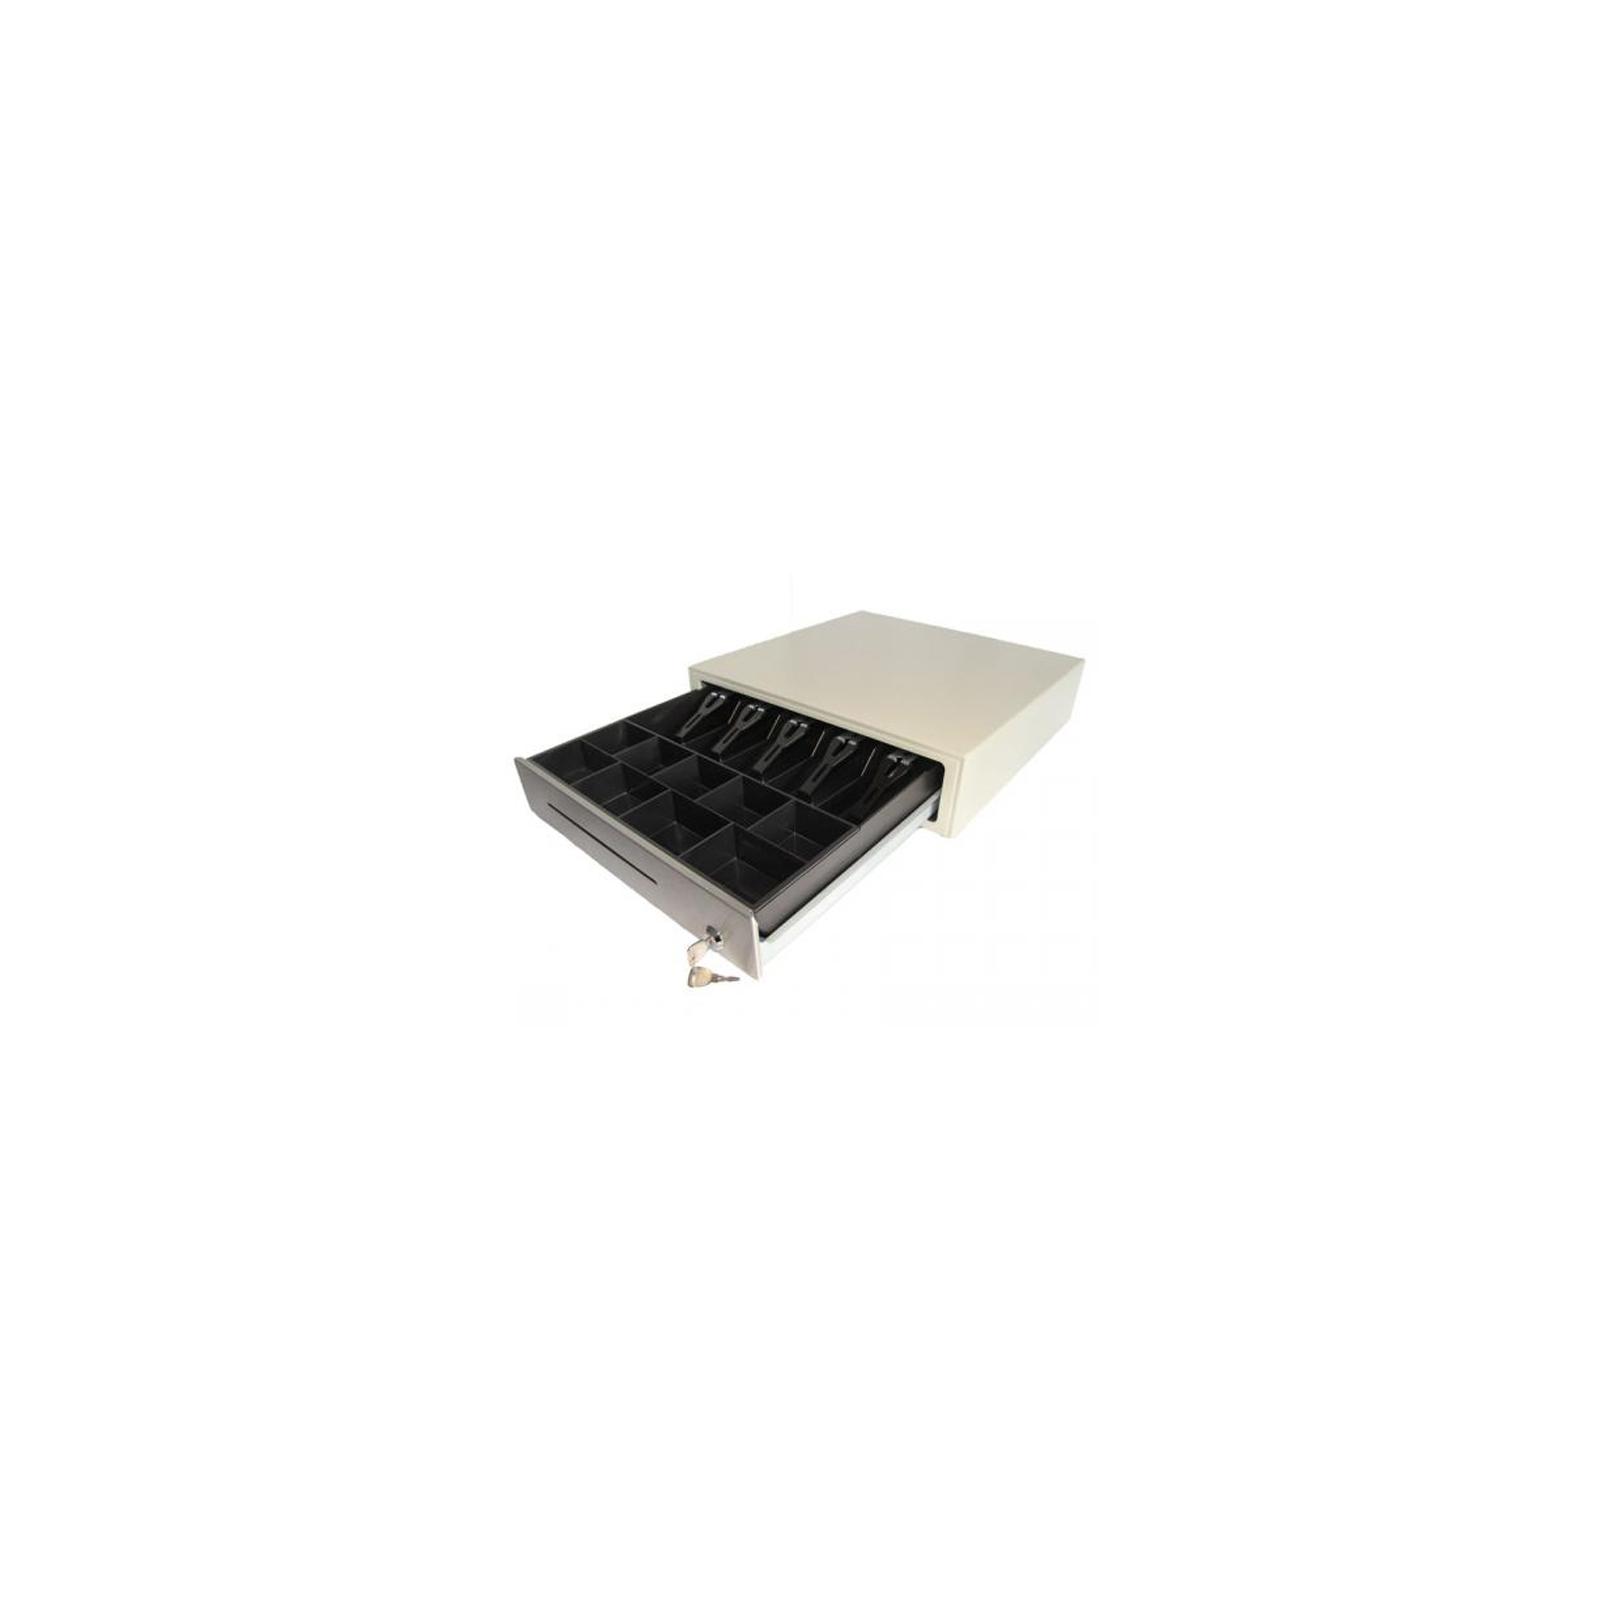 Денежный ящик HPC System HPC-16S Wh 12V изображение 2